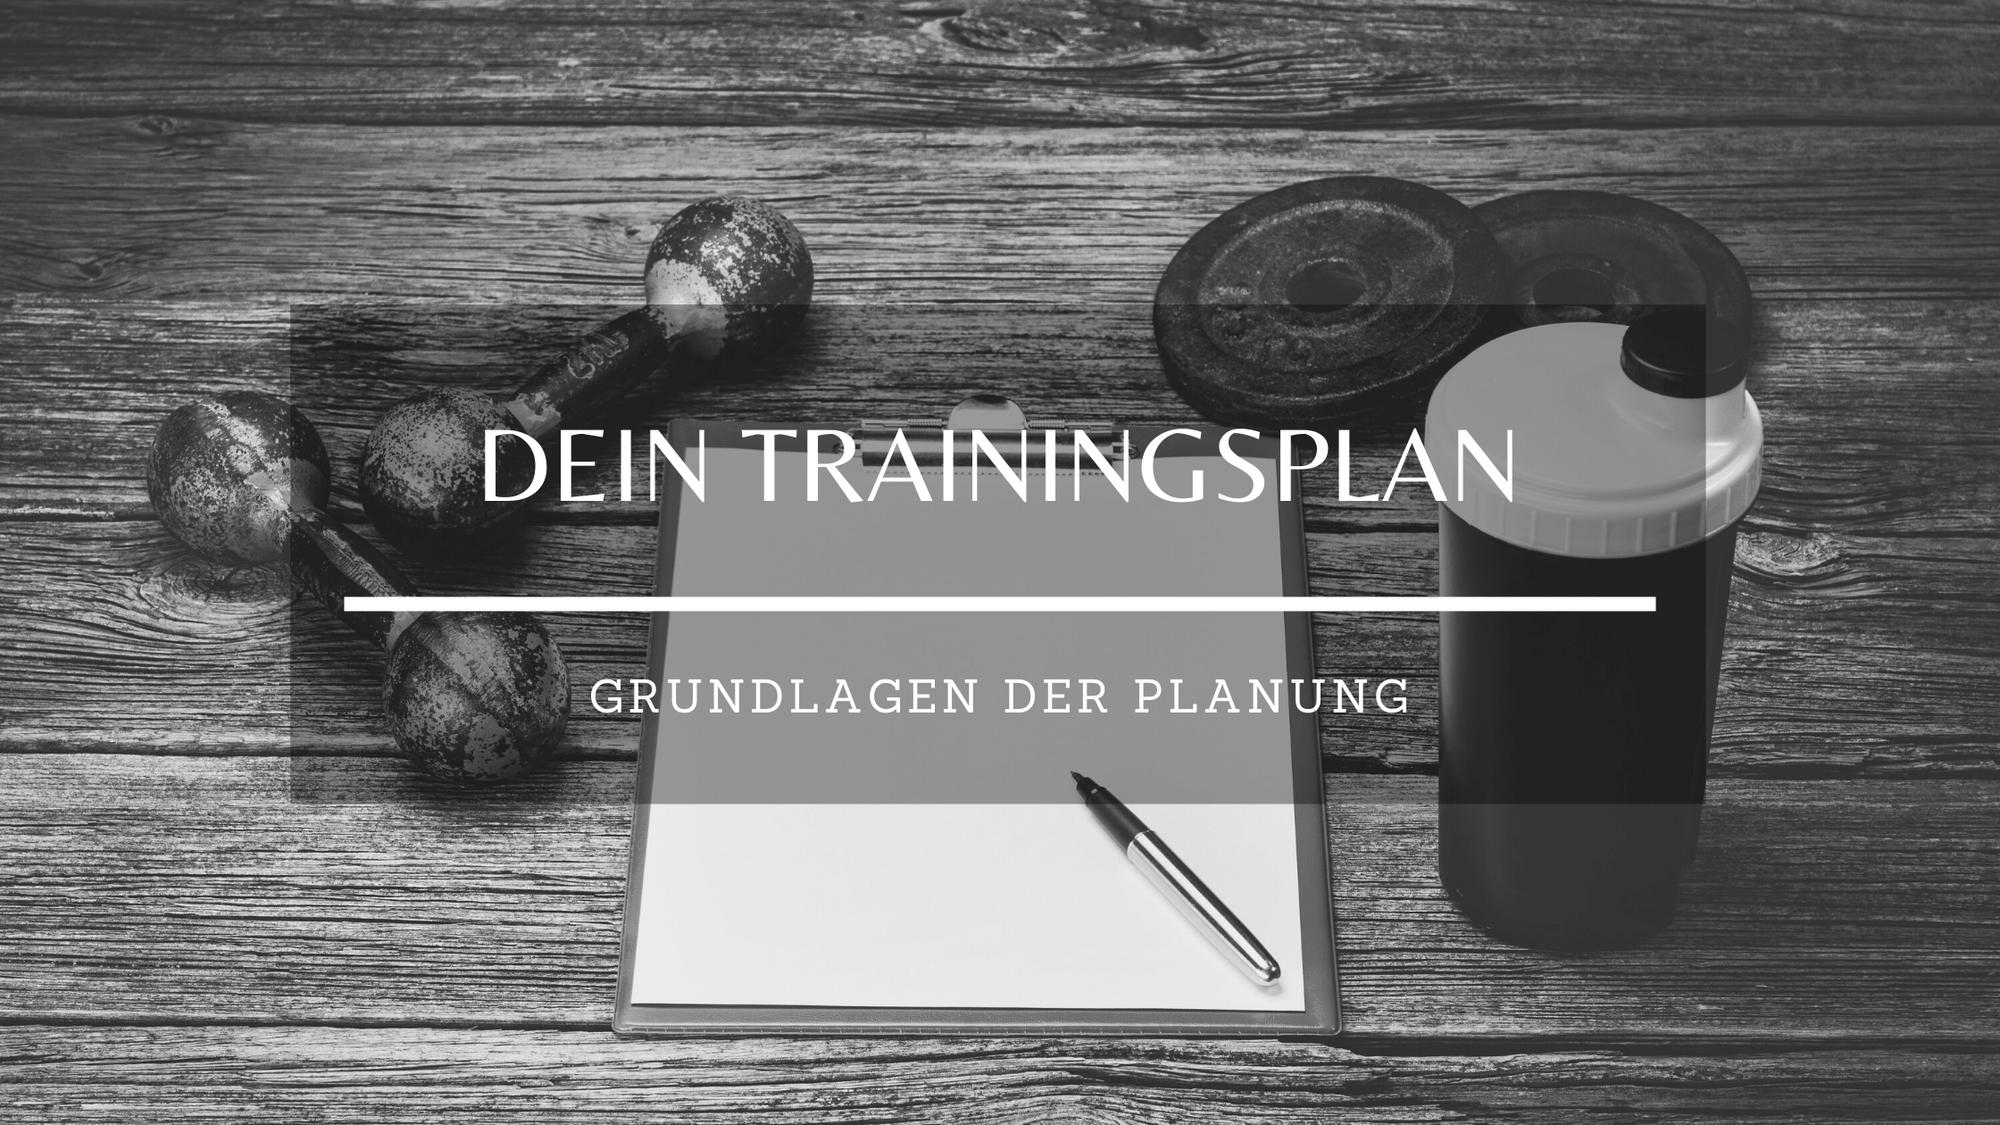 Dein Trainingsplan - Grundlagen der Planung